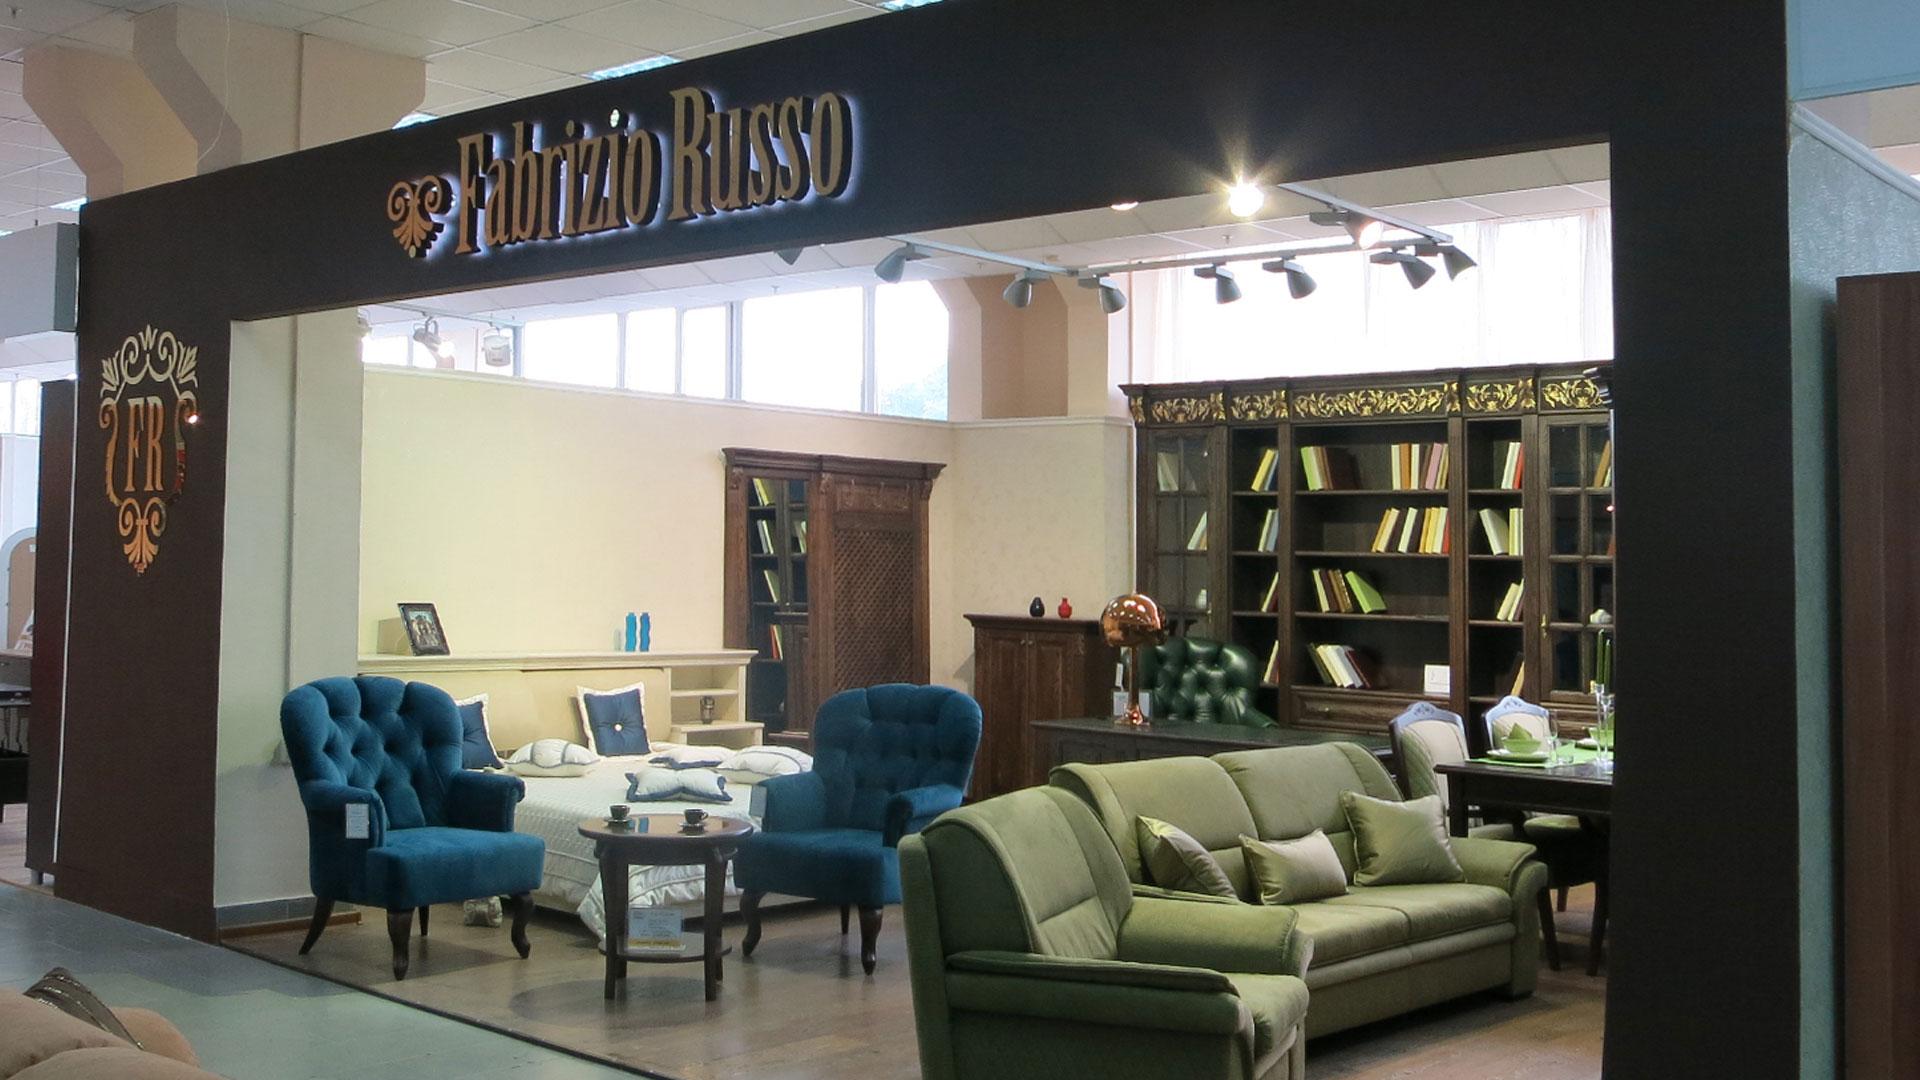 В Нижнем Новгороде в Мебельном Центре «БУМ» открыта бренд-секция «Fabrizio Russo»